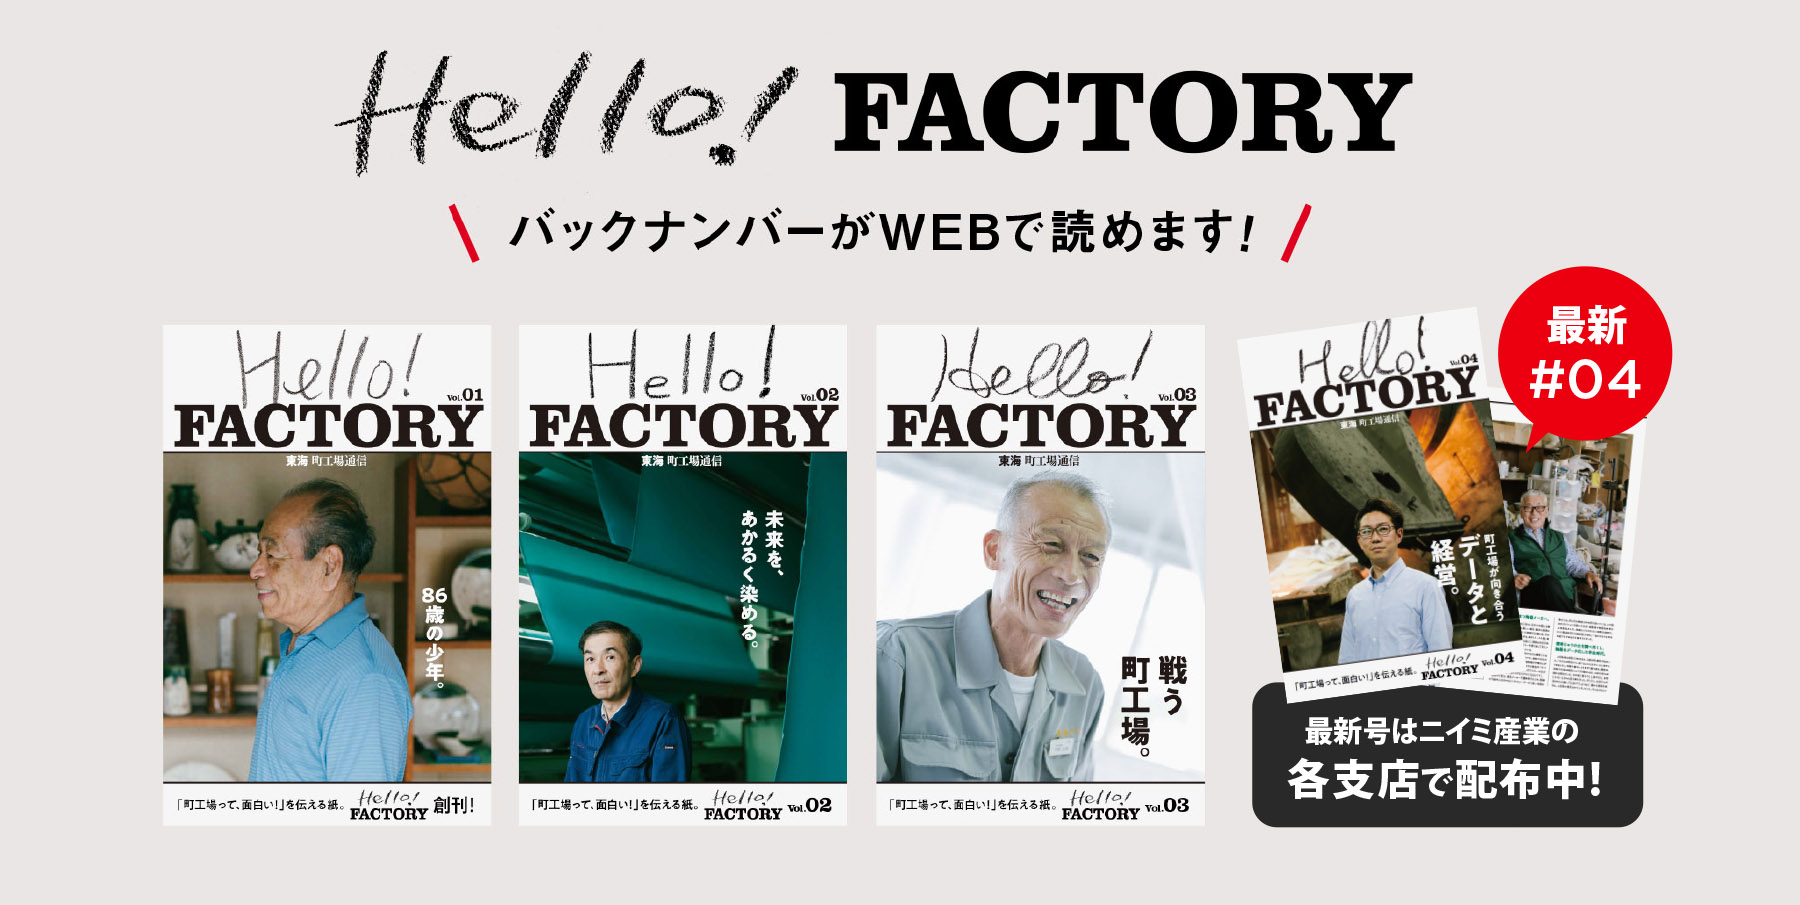 Hello! FACTORY 東海地方の町工場の面白さを伝える紙メディア バックナンバー一覧